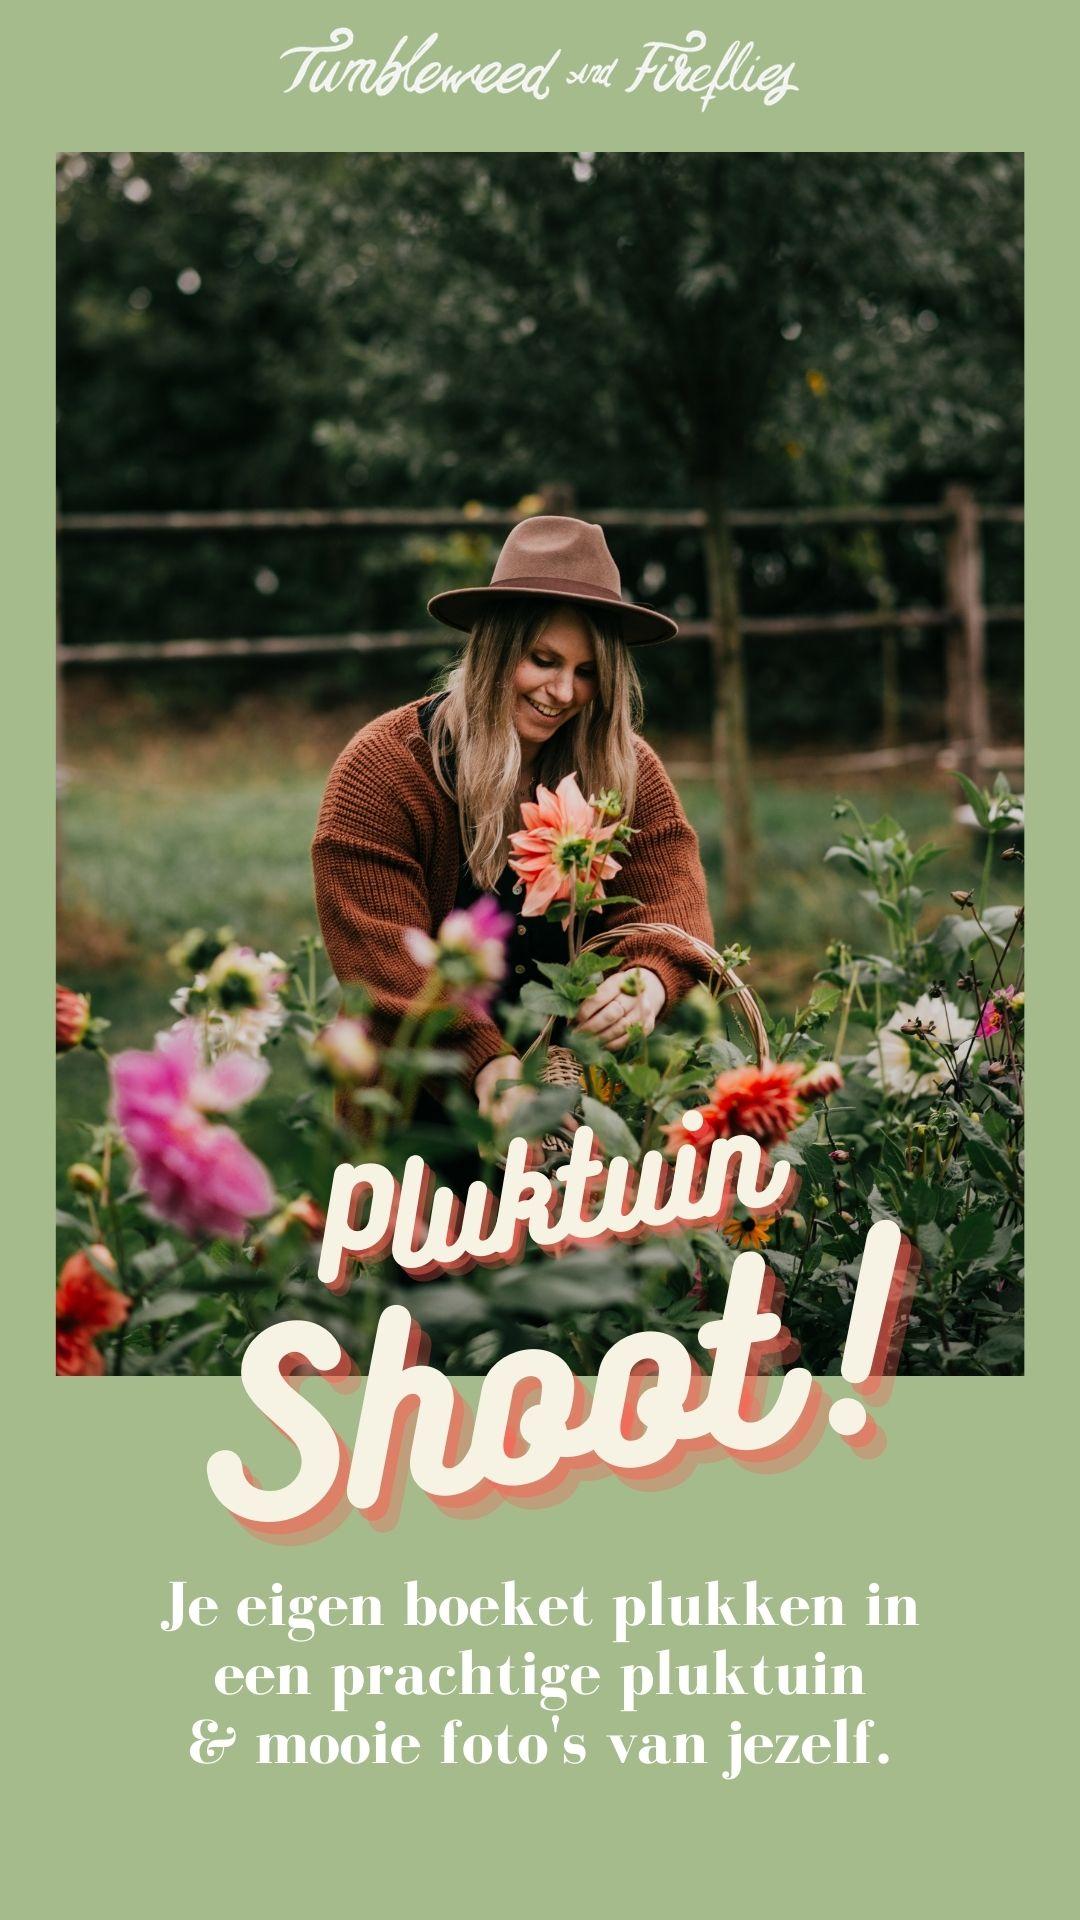 Fotoshoot in onze Pluktuin!